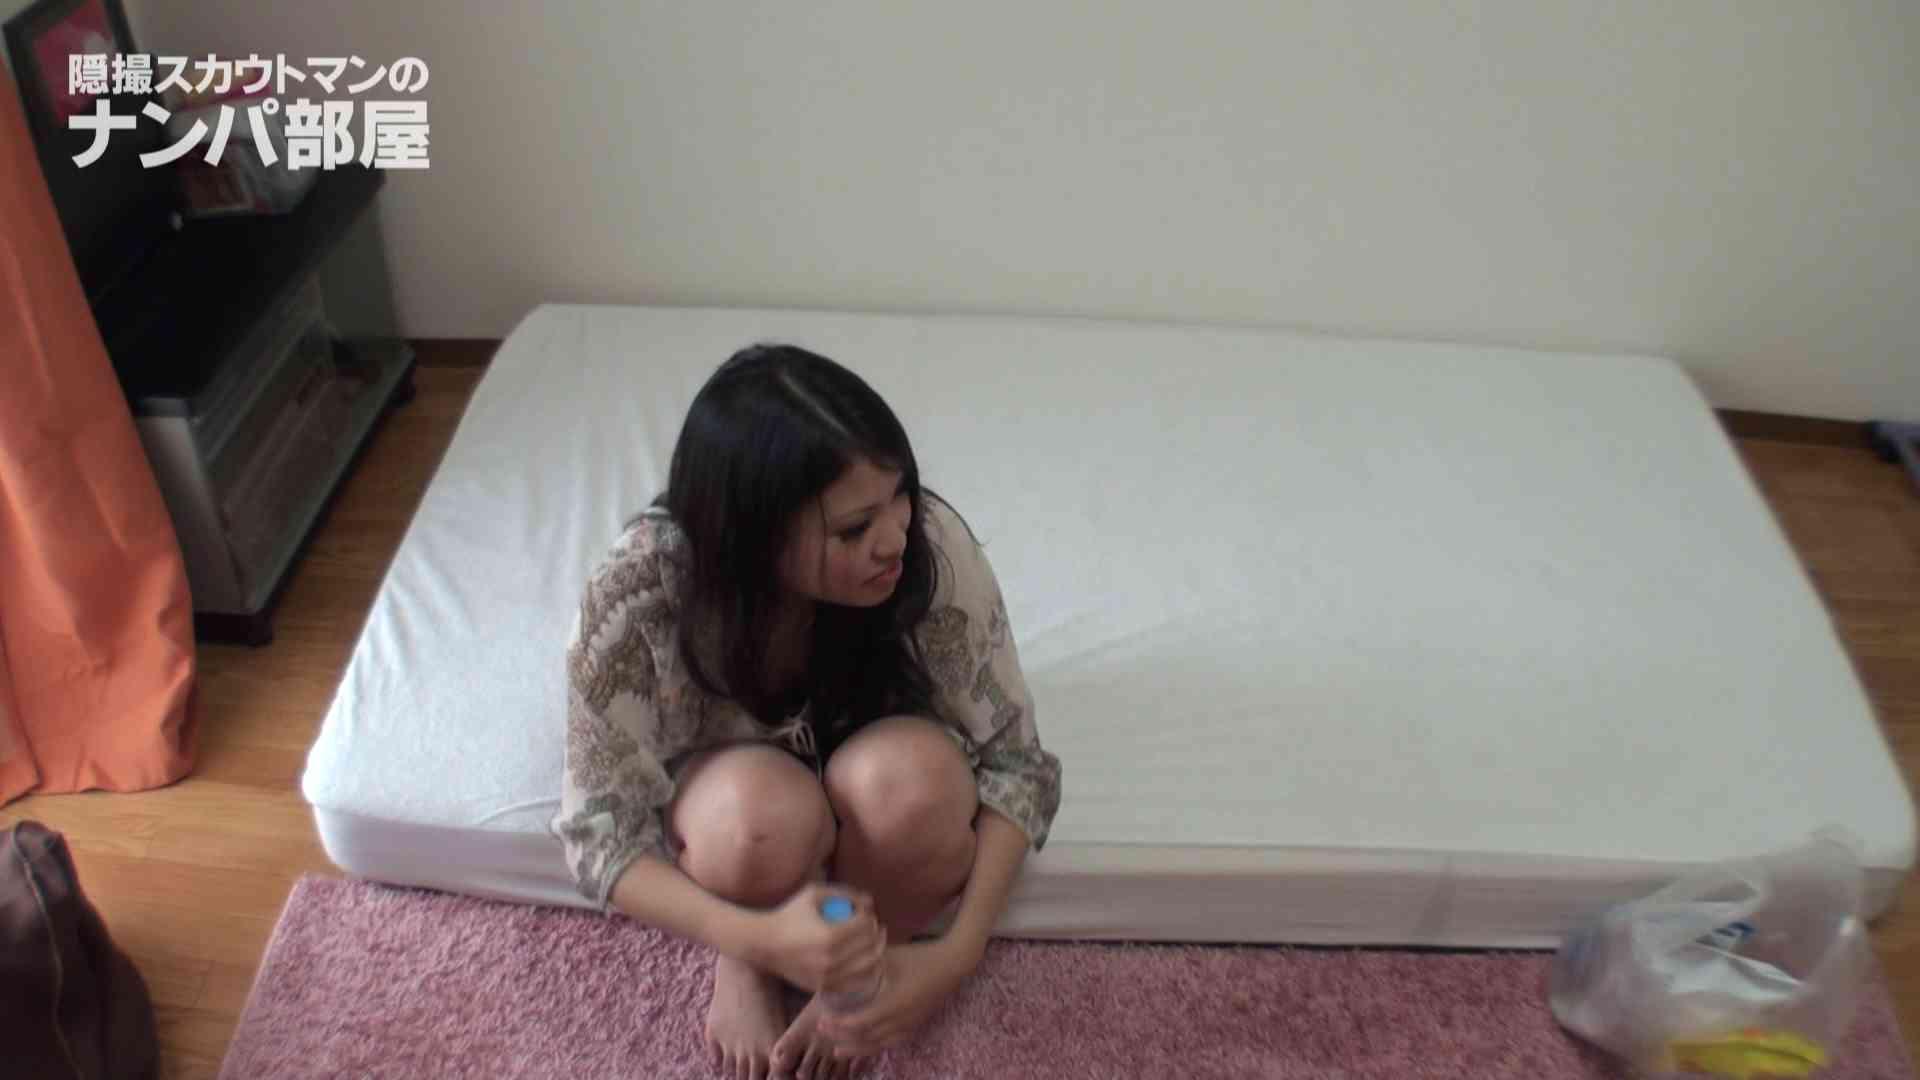 隠撮スカウトマンのナンパ部屋~風俗デビュー前のつまみ食い~hana ナンパ オメコ無修正動画無料 110pic 11